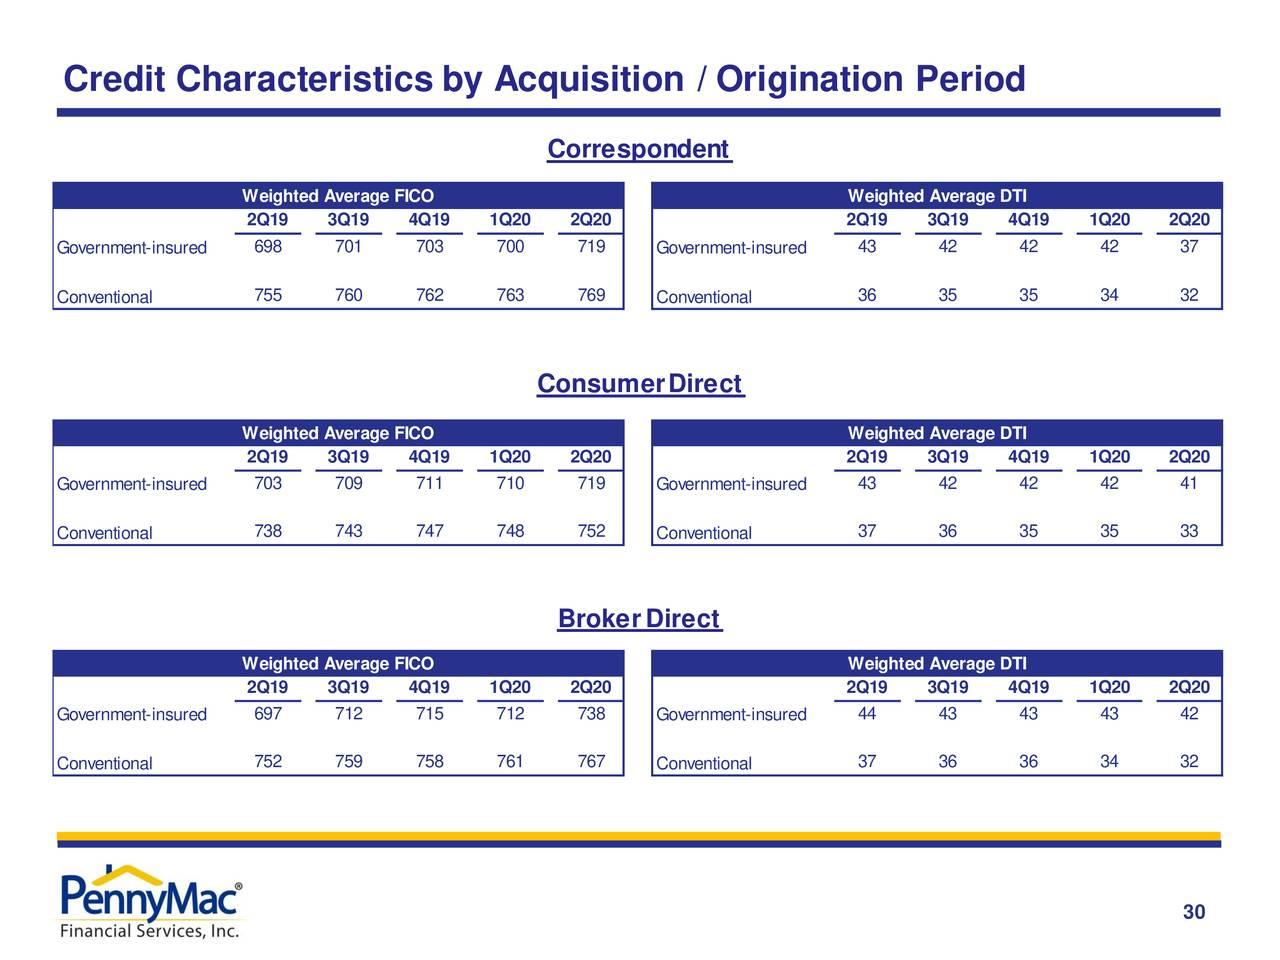 Características crediticias por período de adquisición / originación